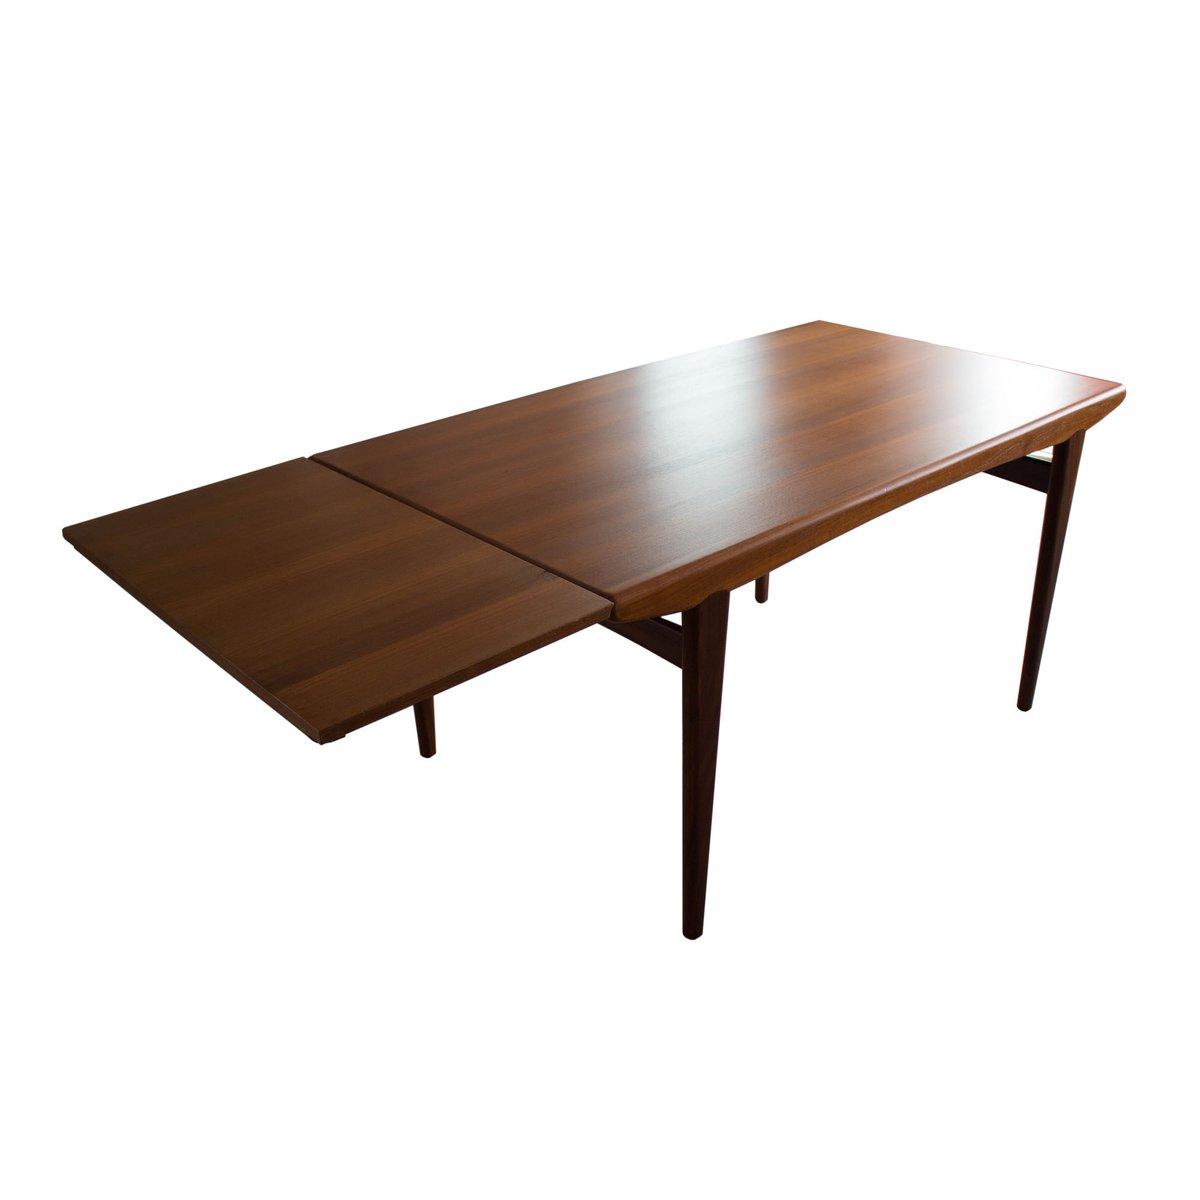 Table de salle manger extensible 1960s en vente sur pamono for Table de salle a manger en solde